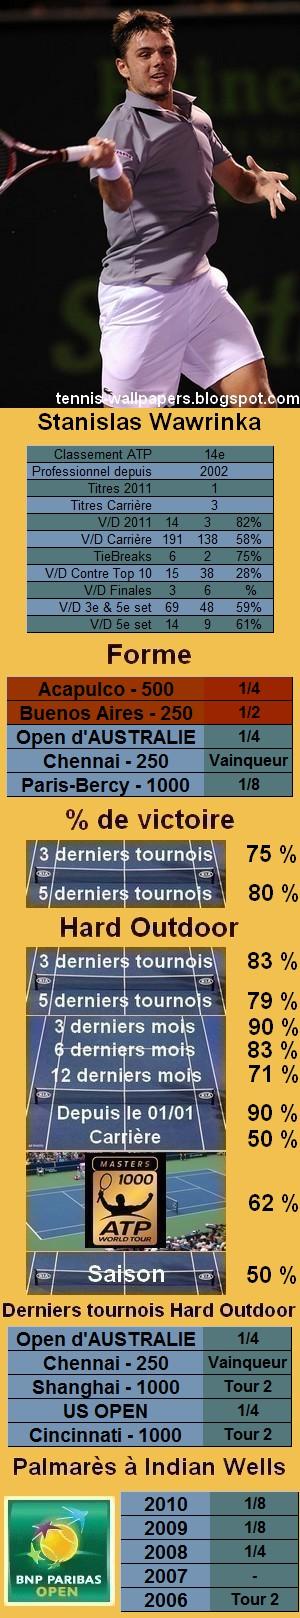 Les statistiques tennis de Stanislas Wawrinka pour le tournoi de Indian Wells